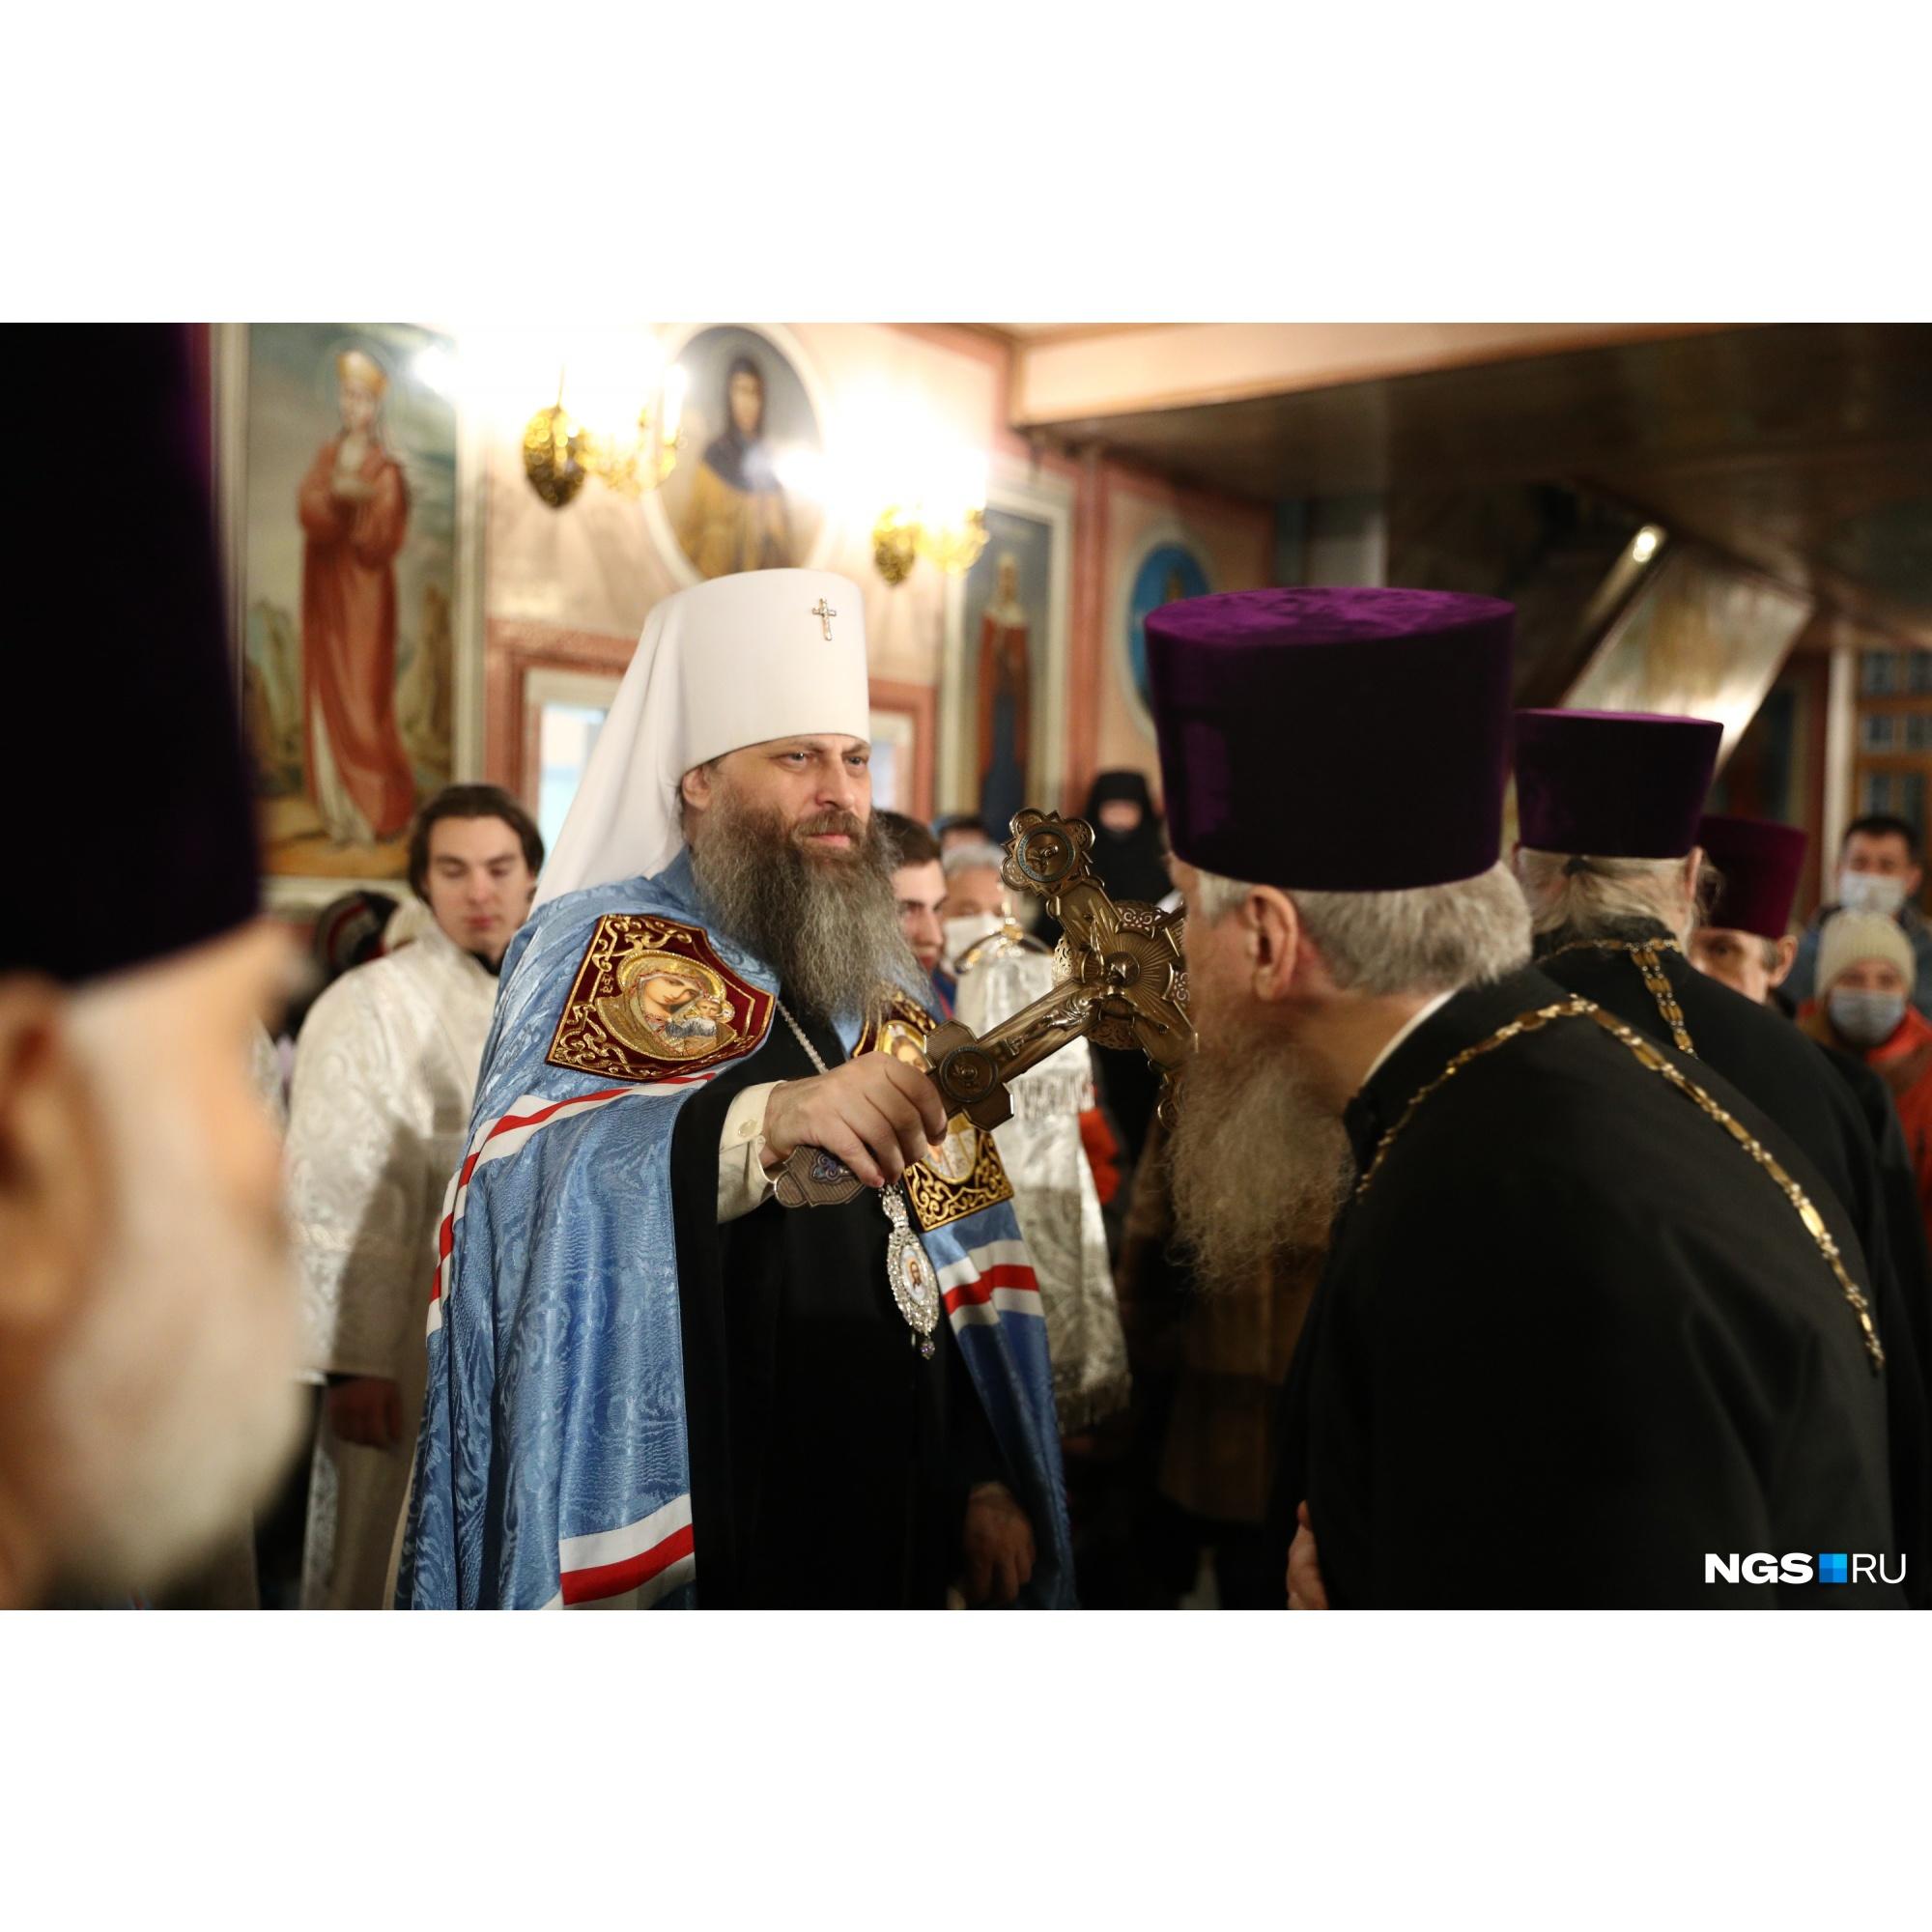 Во время службы священники были без масок, но надели их перед причастием